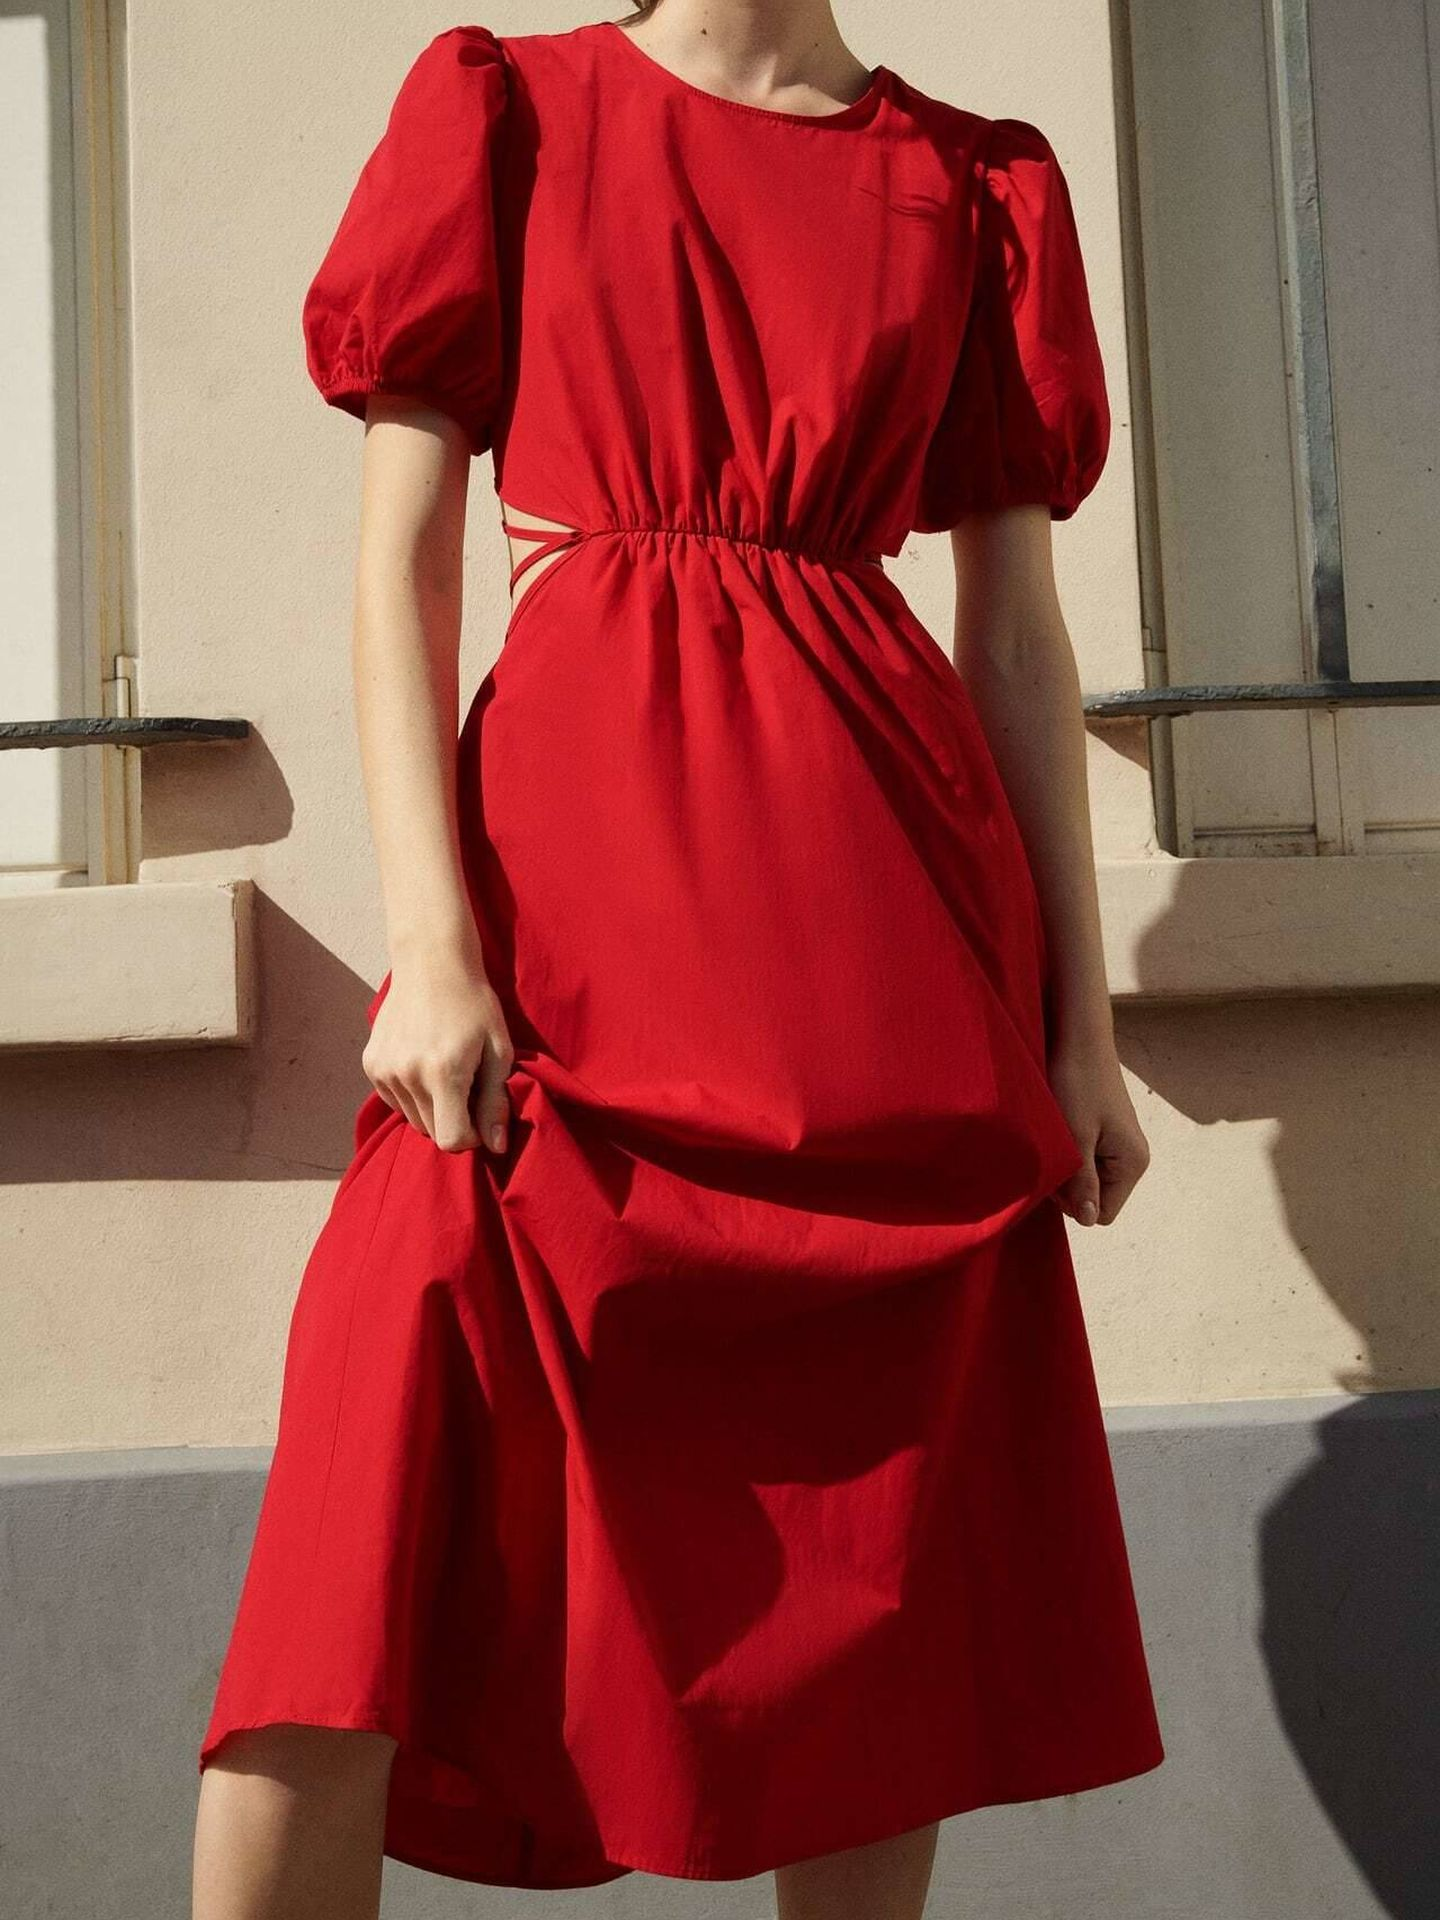 Un vestido rojo de Zara. (Cortesía)